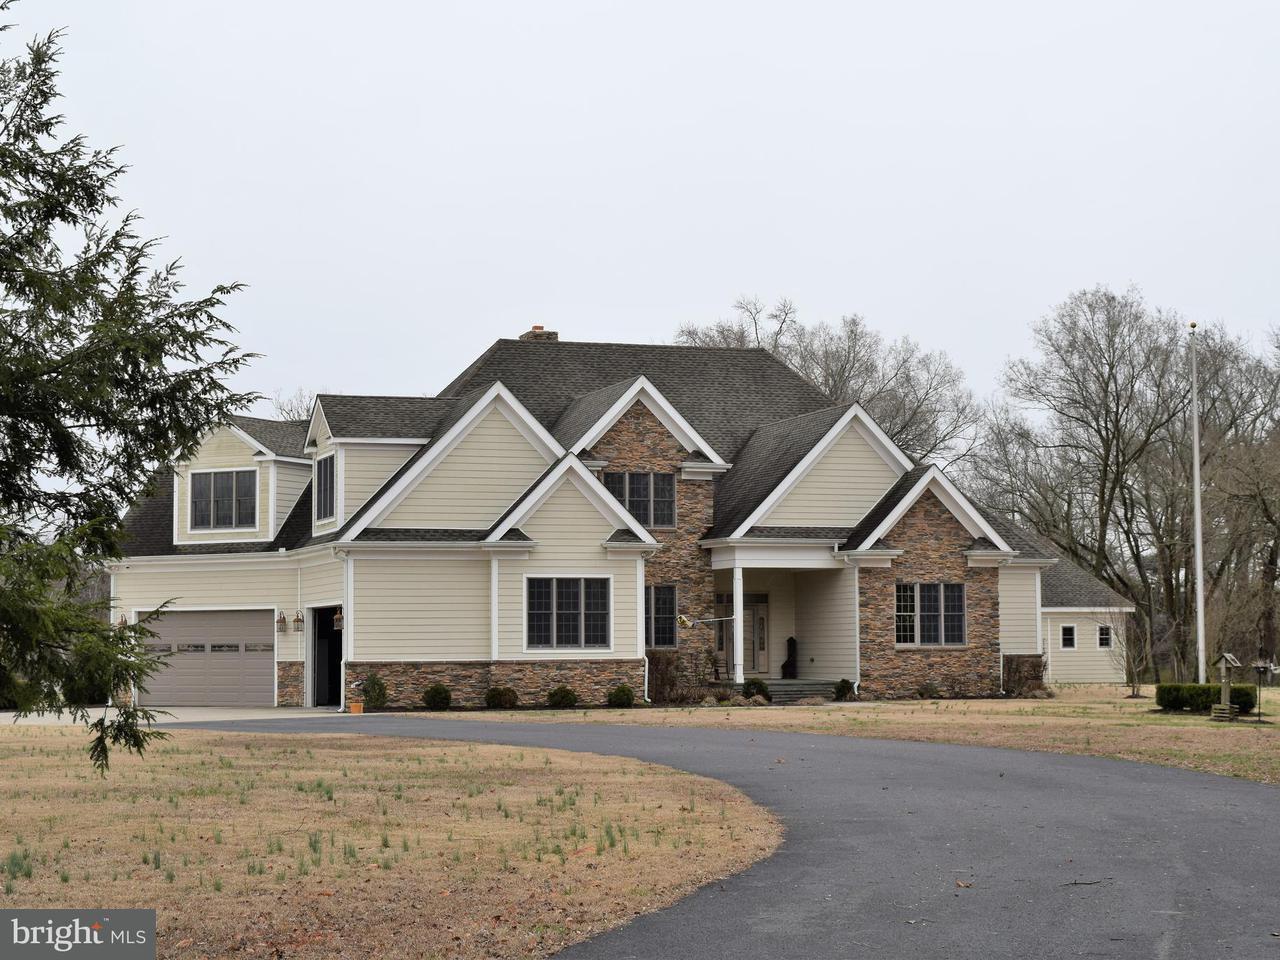 Частный односемейный дом для того Продажа на 24880 Kelley Drive 24880 Kelley Drive Denton, Мэриленд 21629 Соединенные Штаты